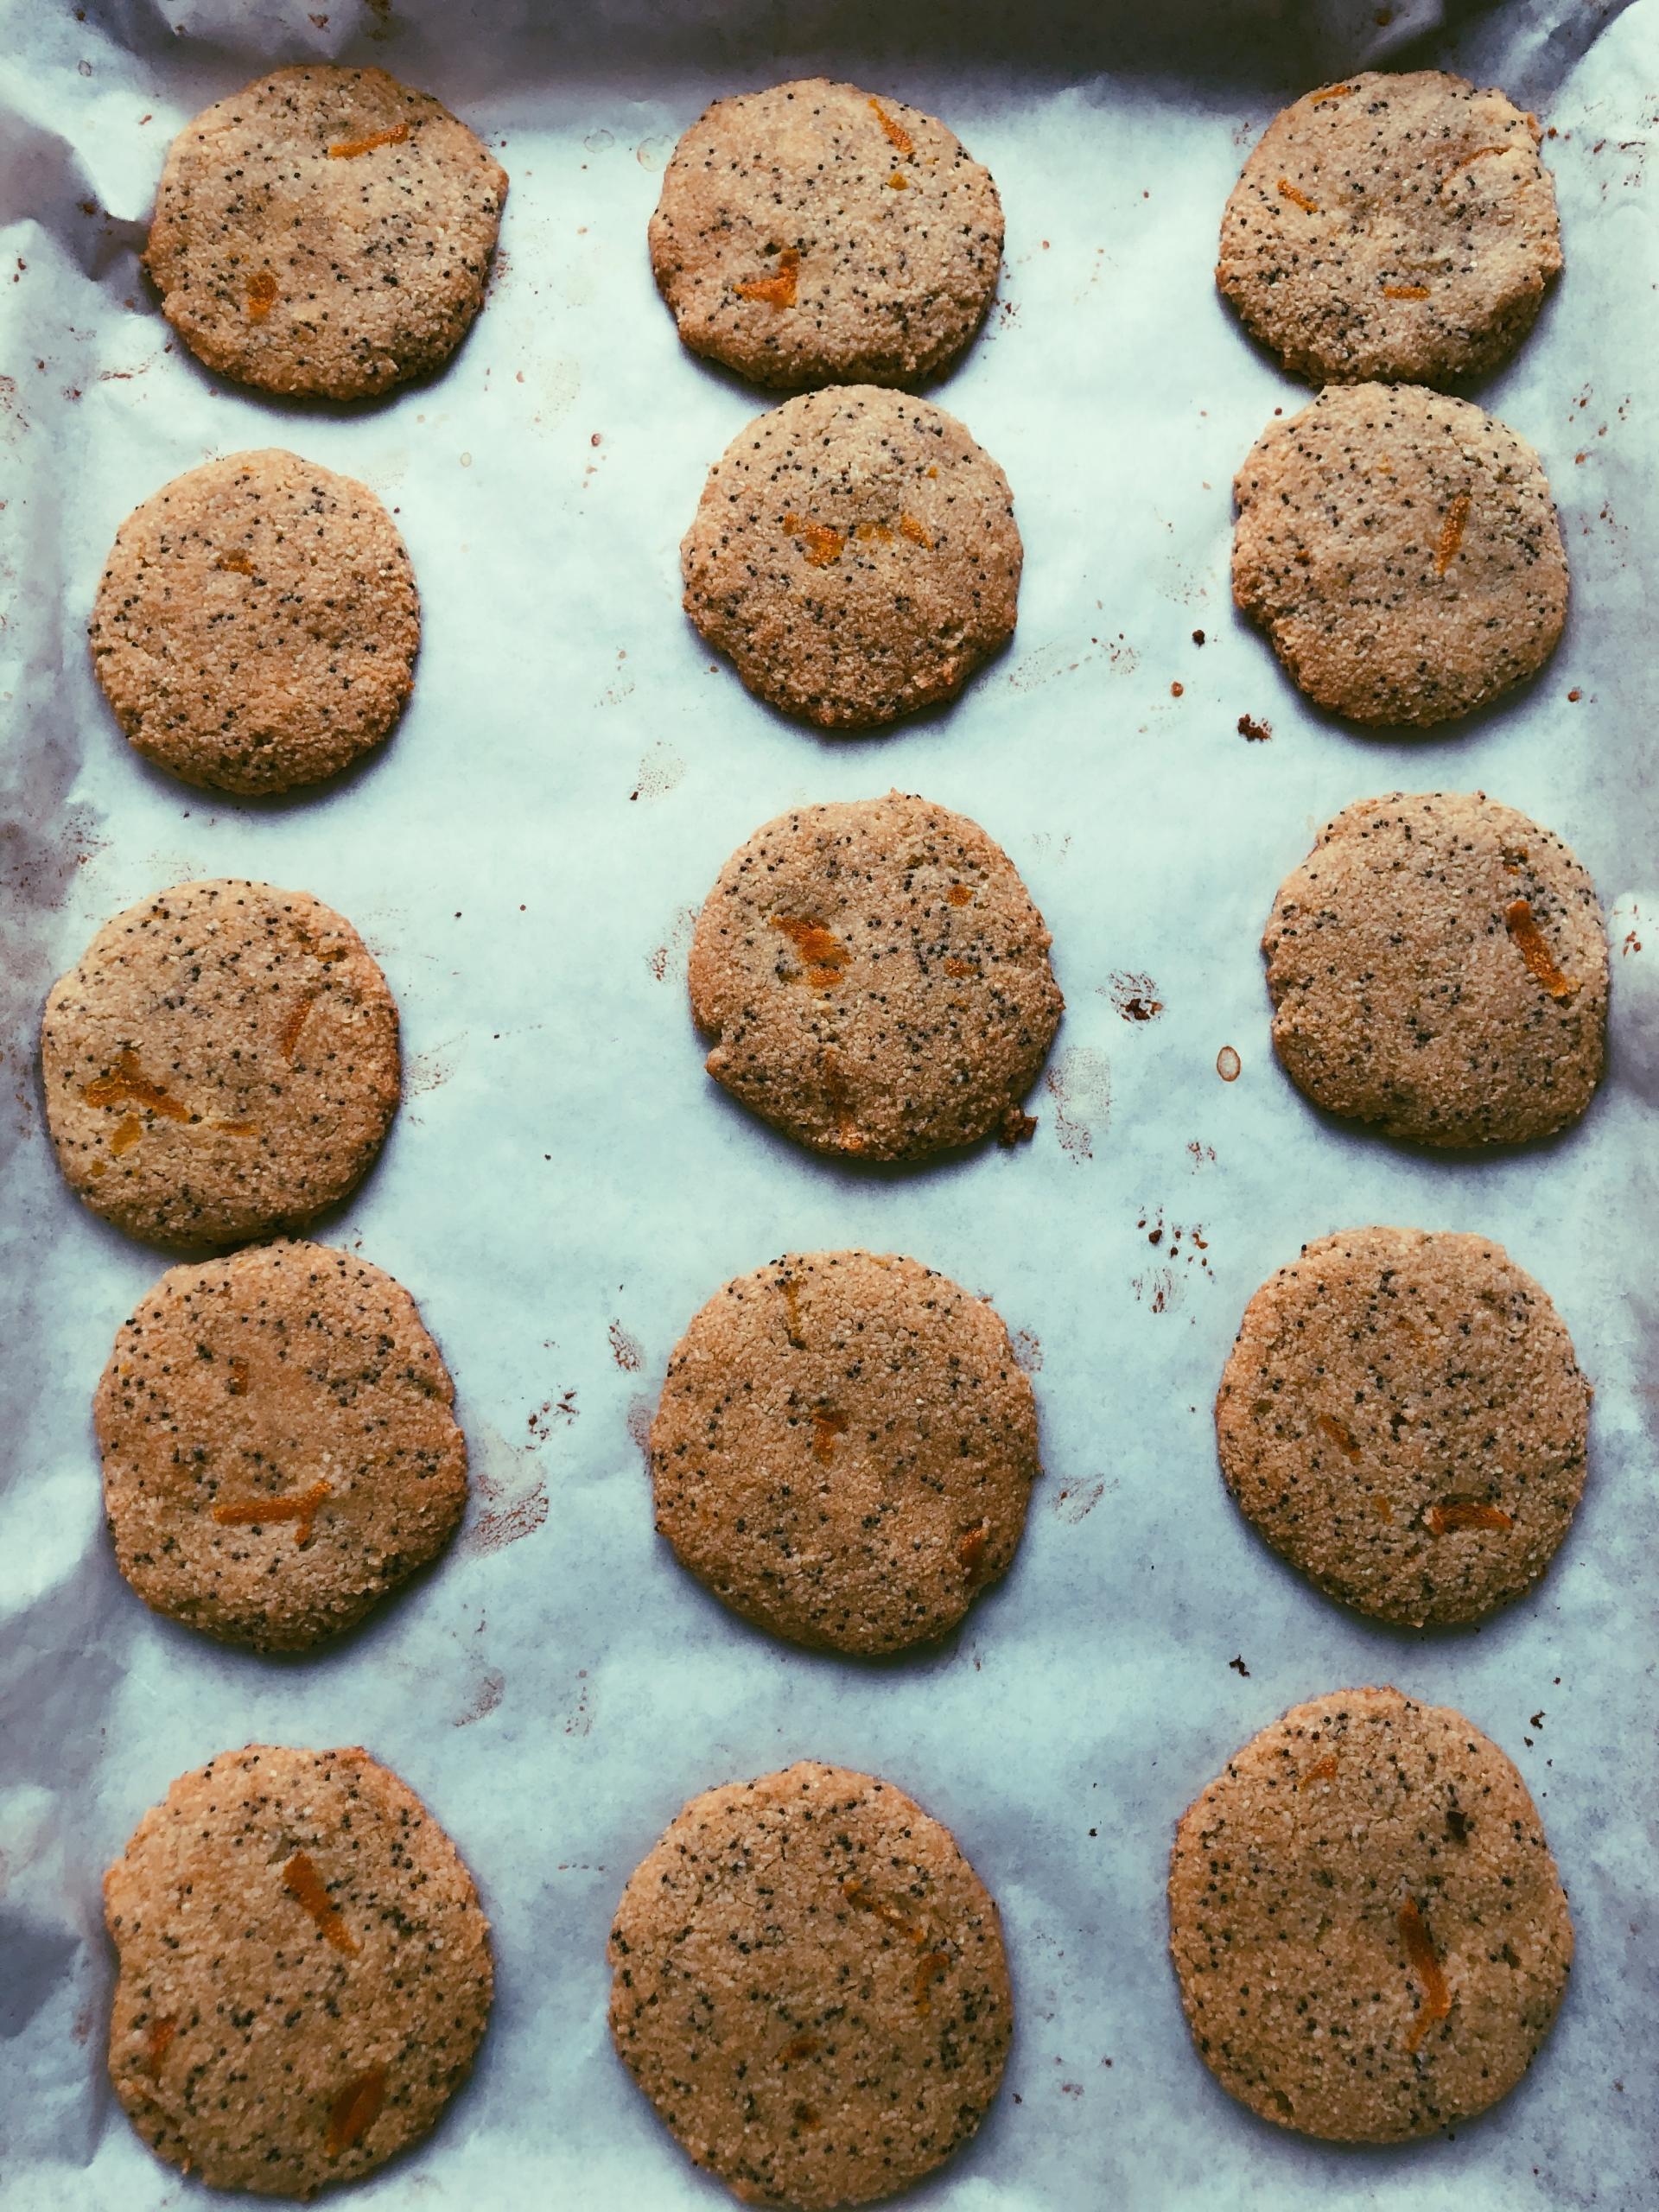 orange poppyseed cookies (grain free, scd diet)